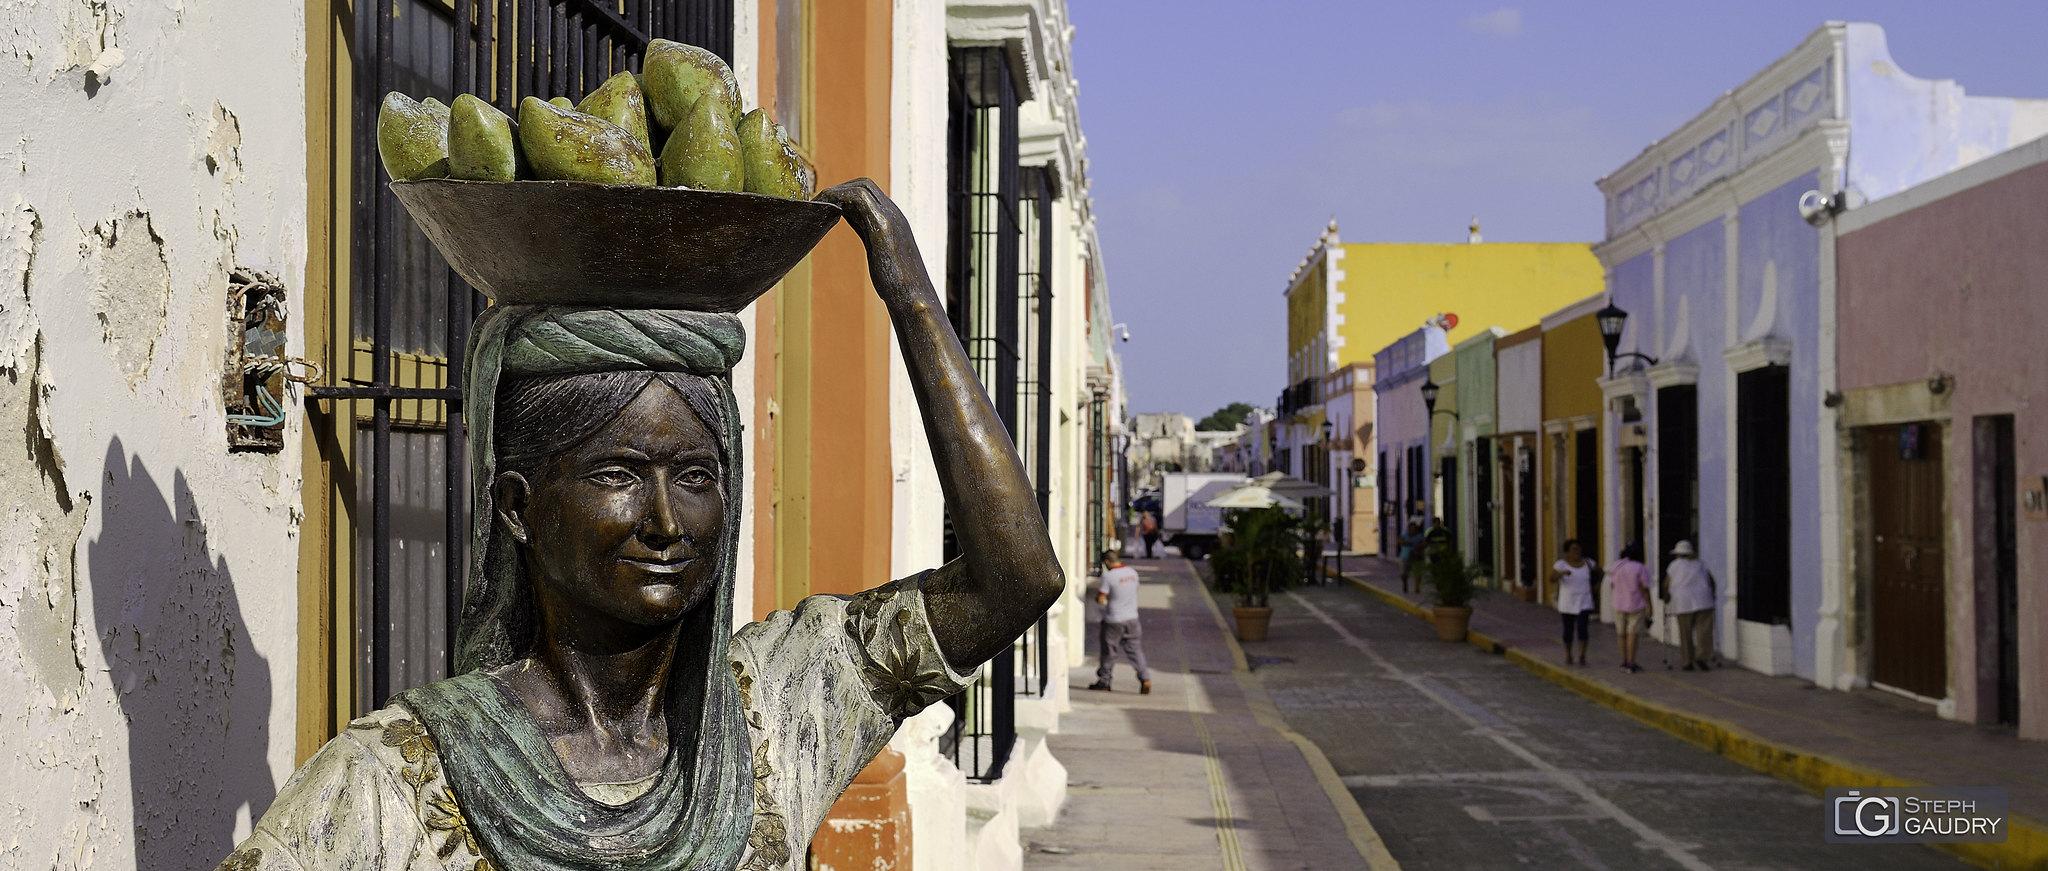 Campeche - Statue de femme avec panier de fruits [Cliquez pour lancer le diaporama]